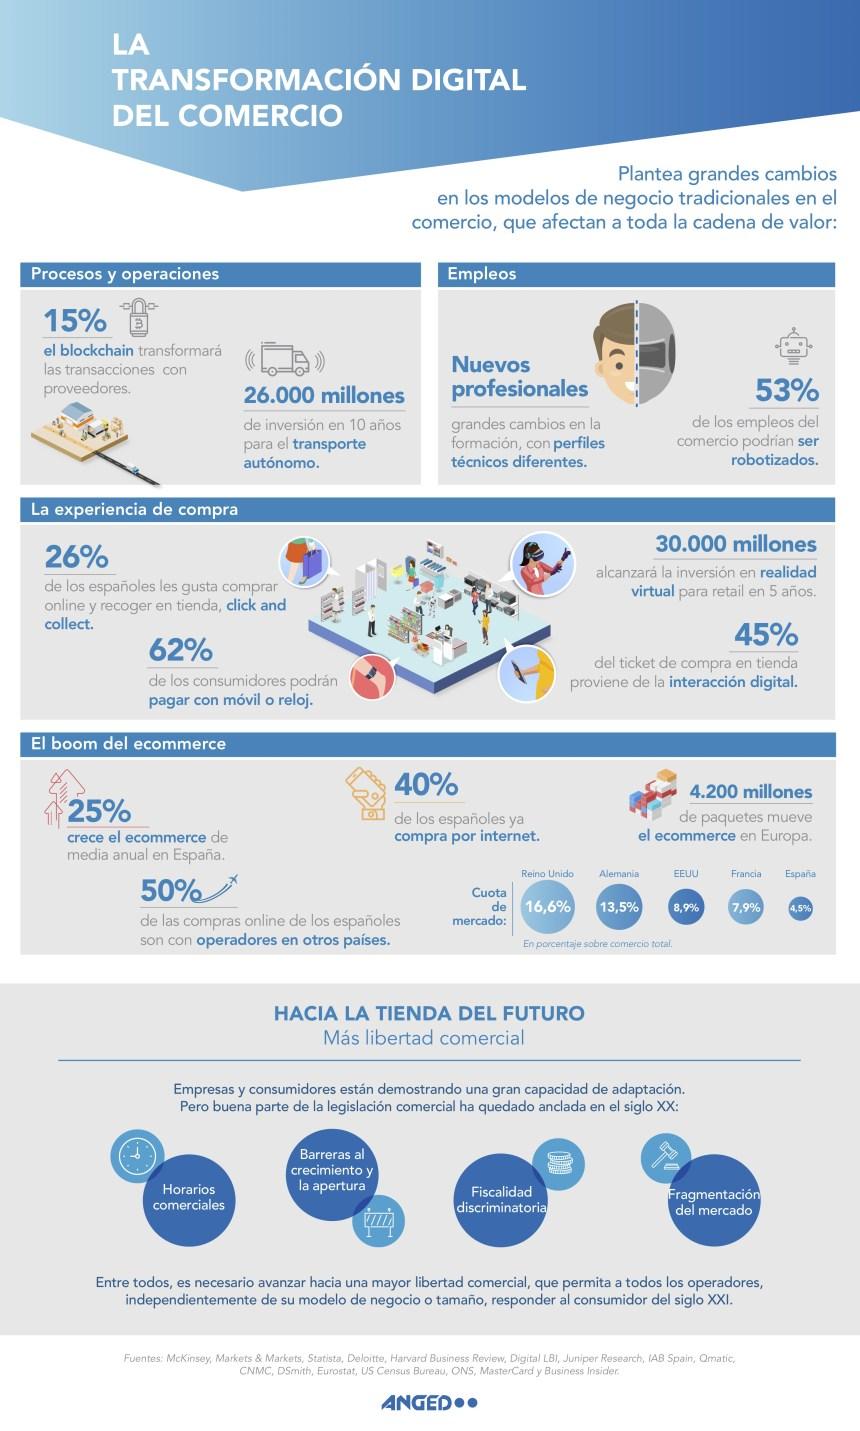 Transformación digital del Comercio #infografia #infographic